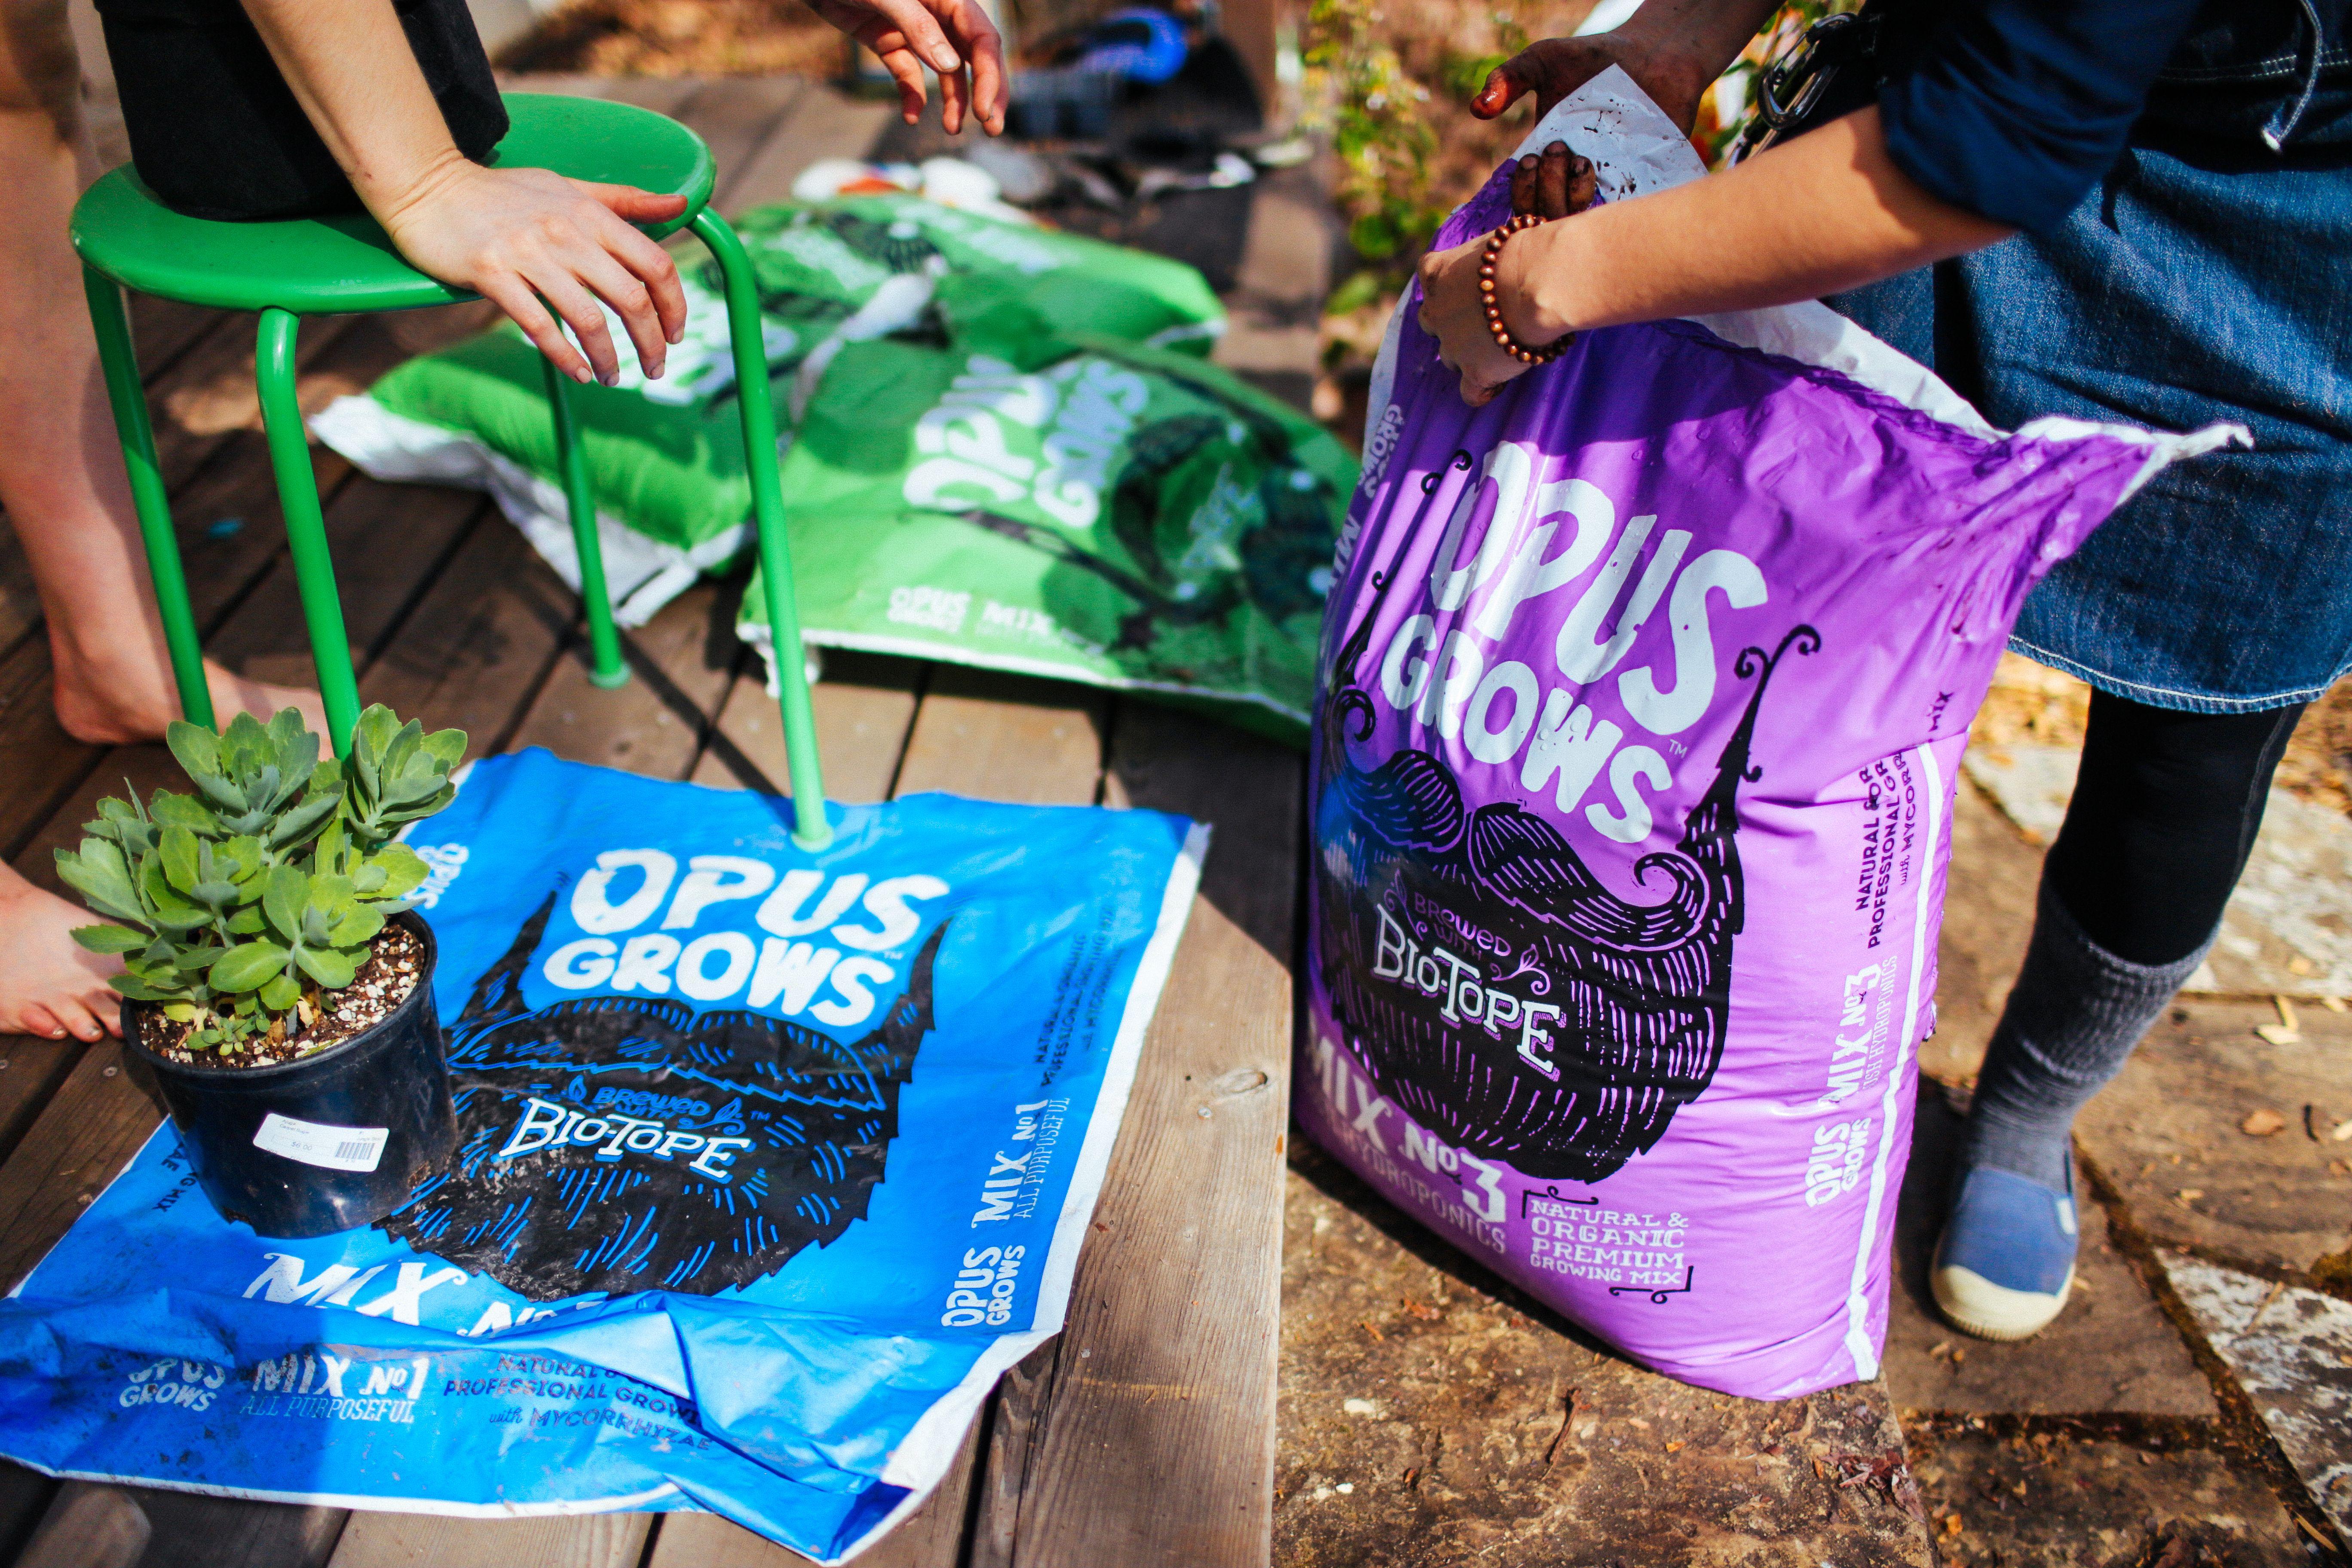 Grown using opus grows premium organic potting soils